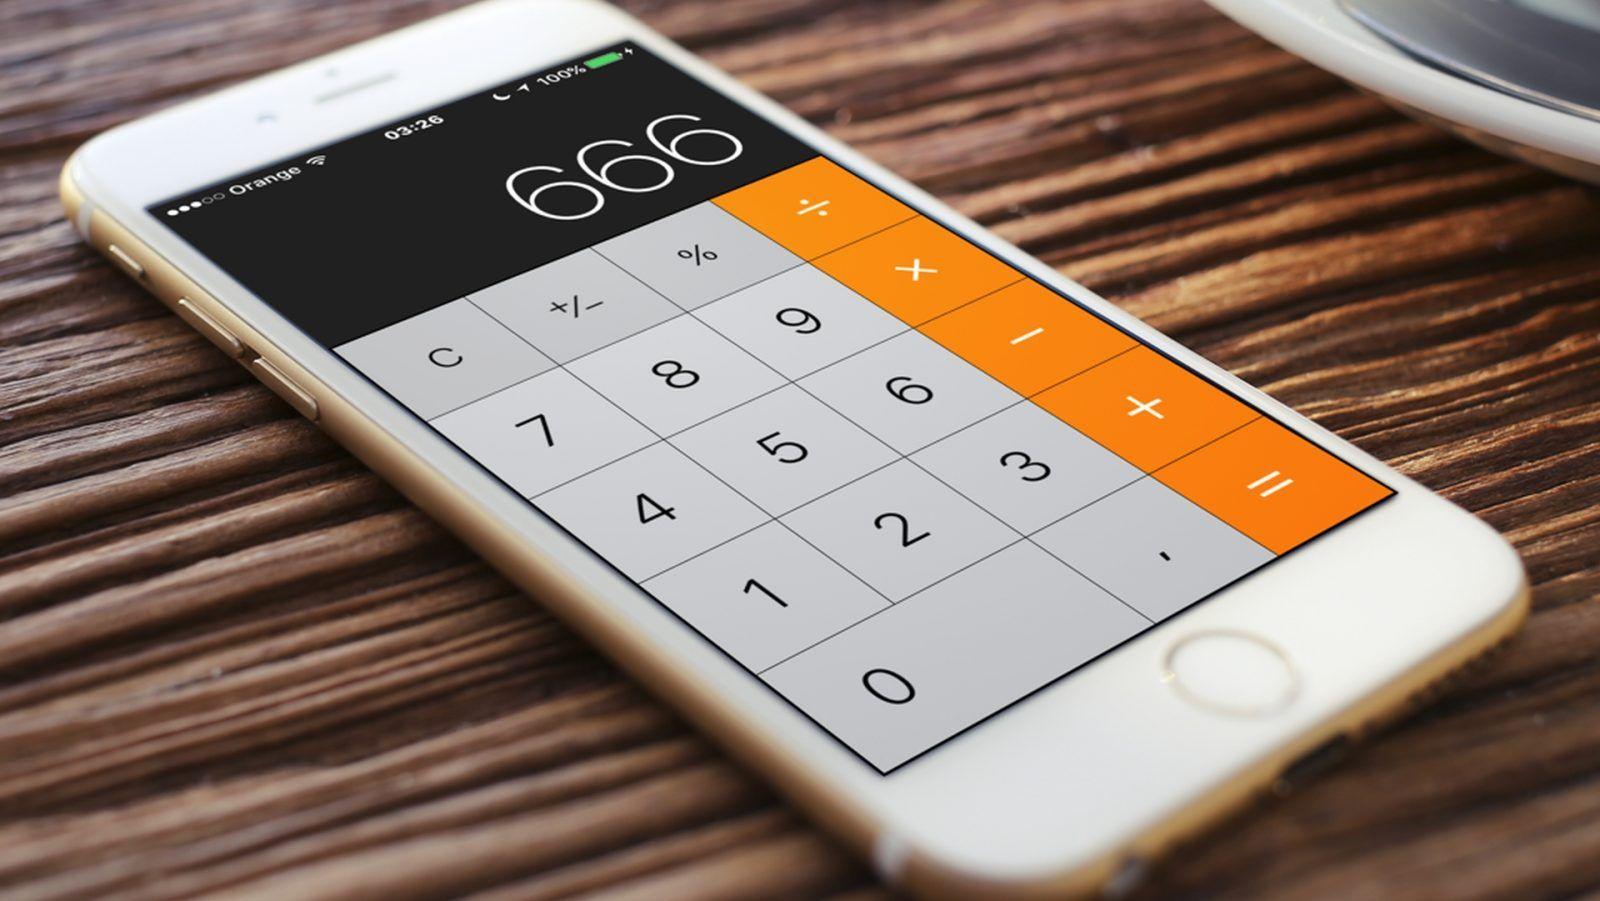 Jak usunąć ostatnio wpisaną cyfrę w kalkulatorze na iOS?